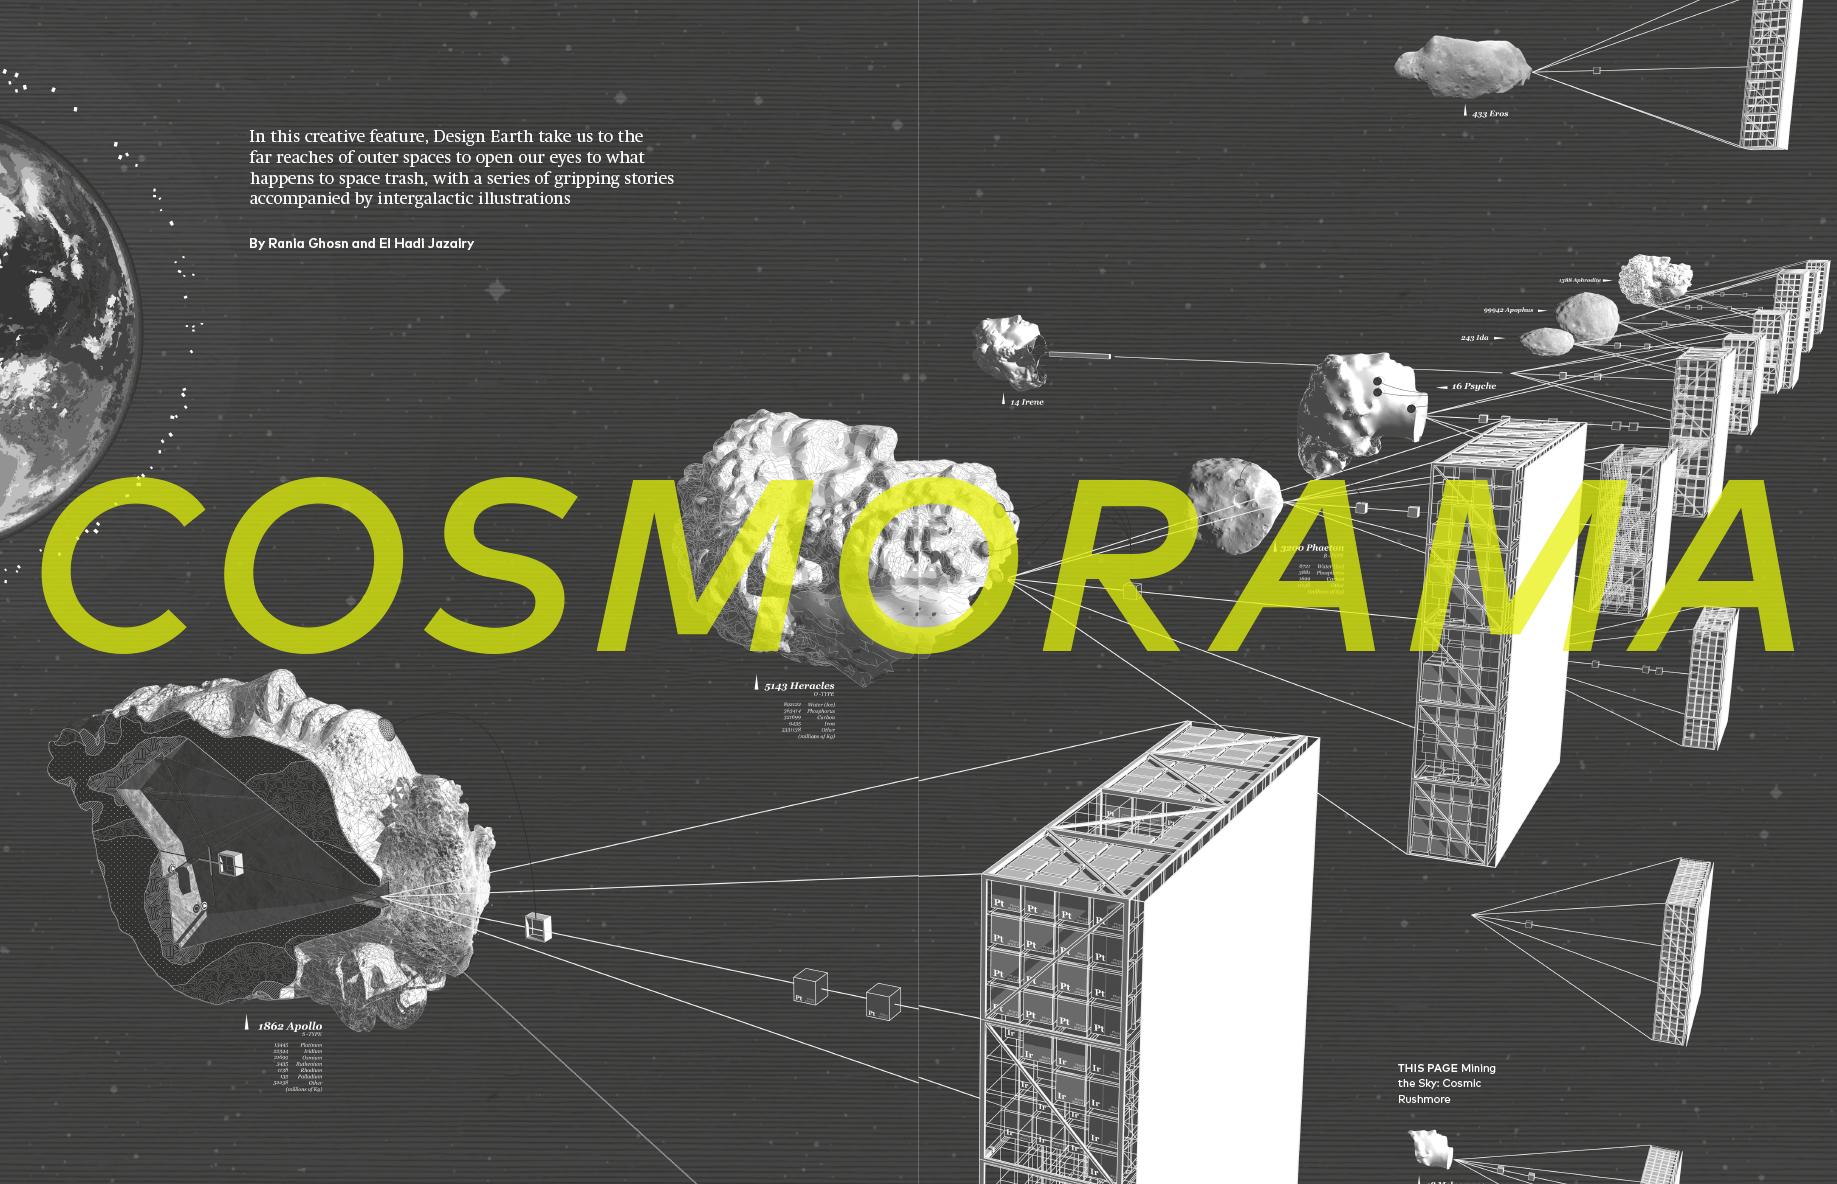 ICON-DESIGN-SPACETRASH-Jan19